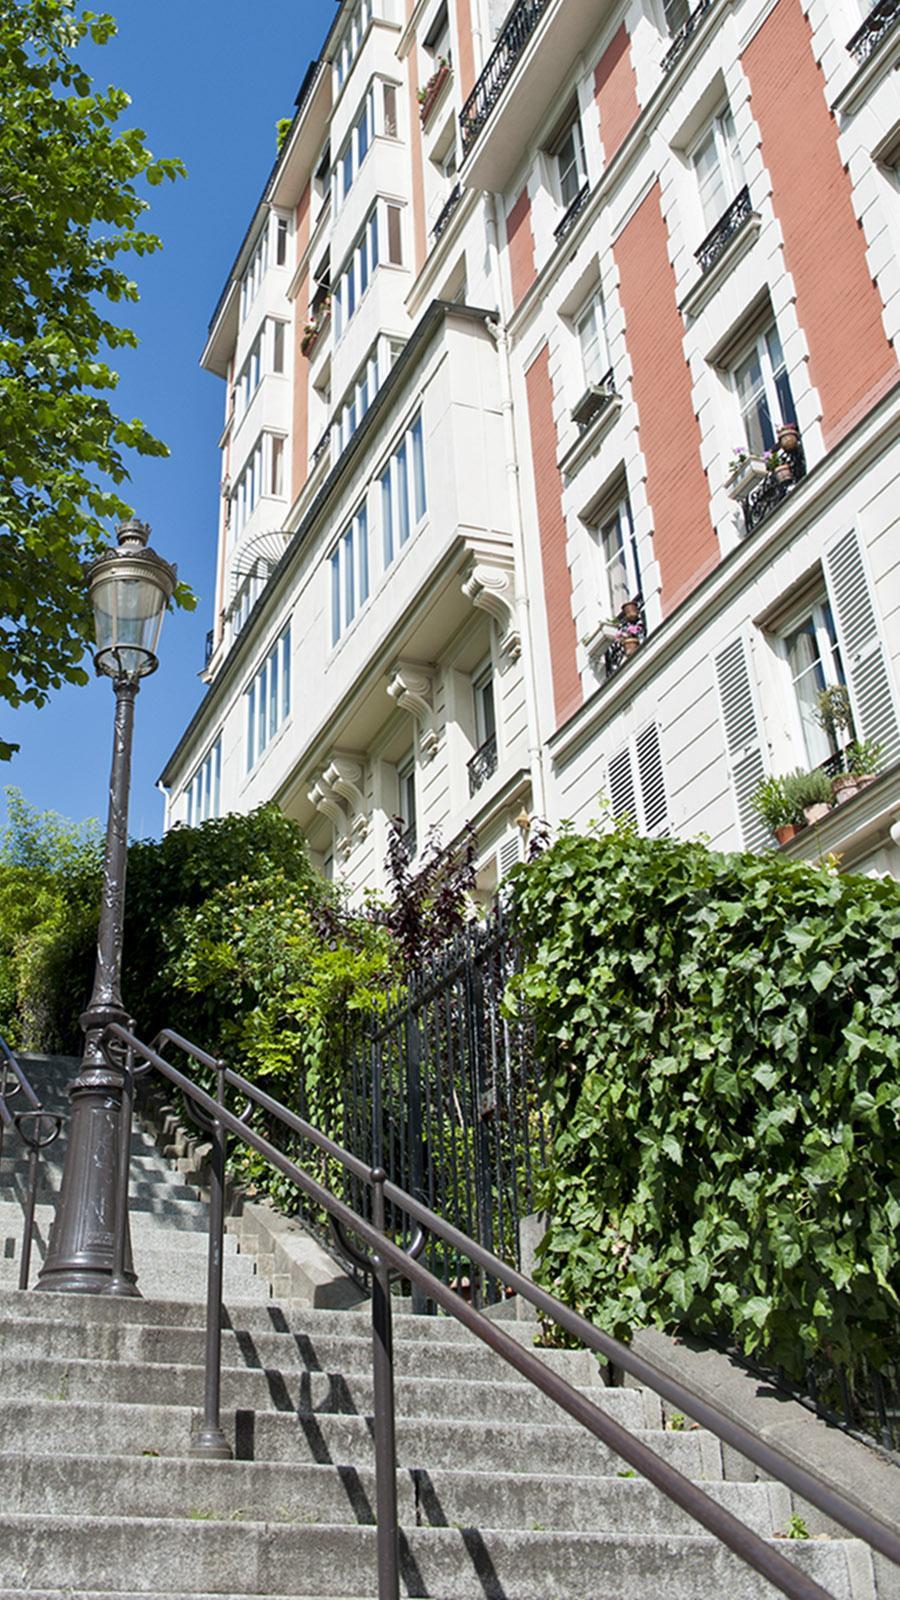 Treppenwege führen hinauf und hinab an der Butte de Montmartre.